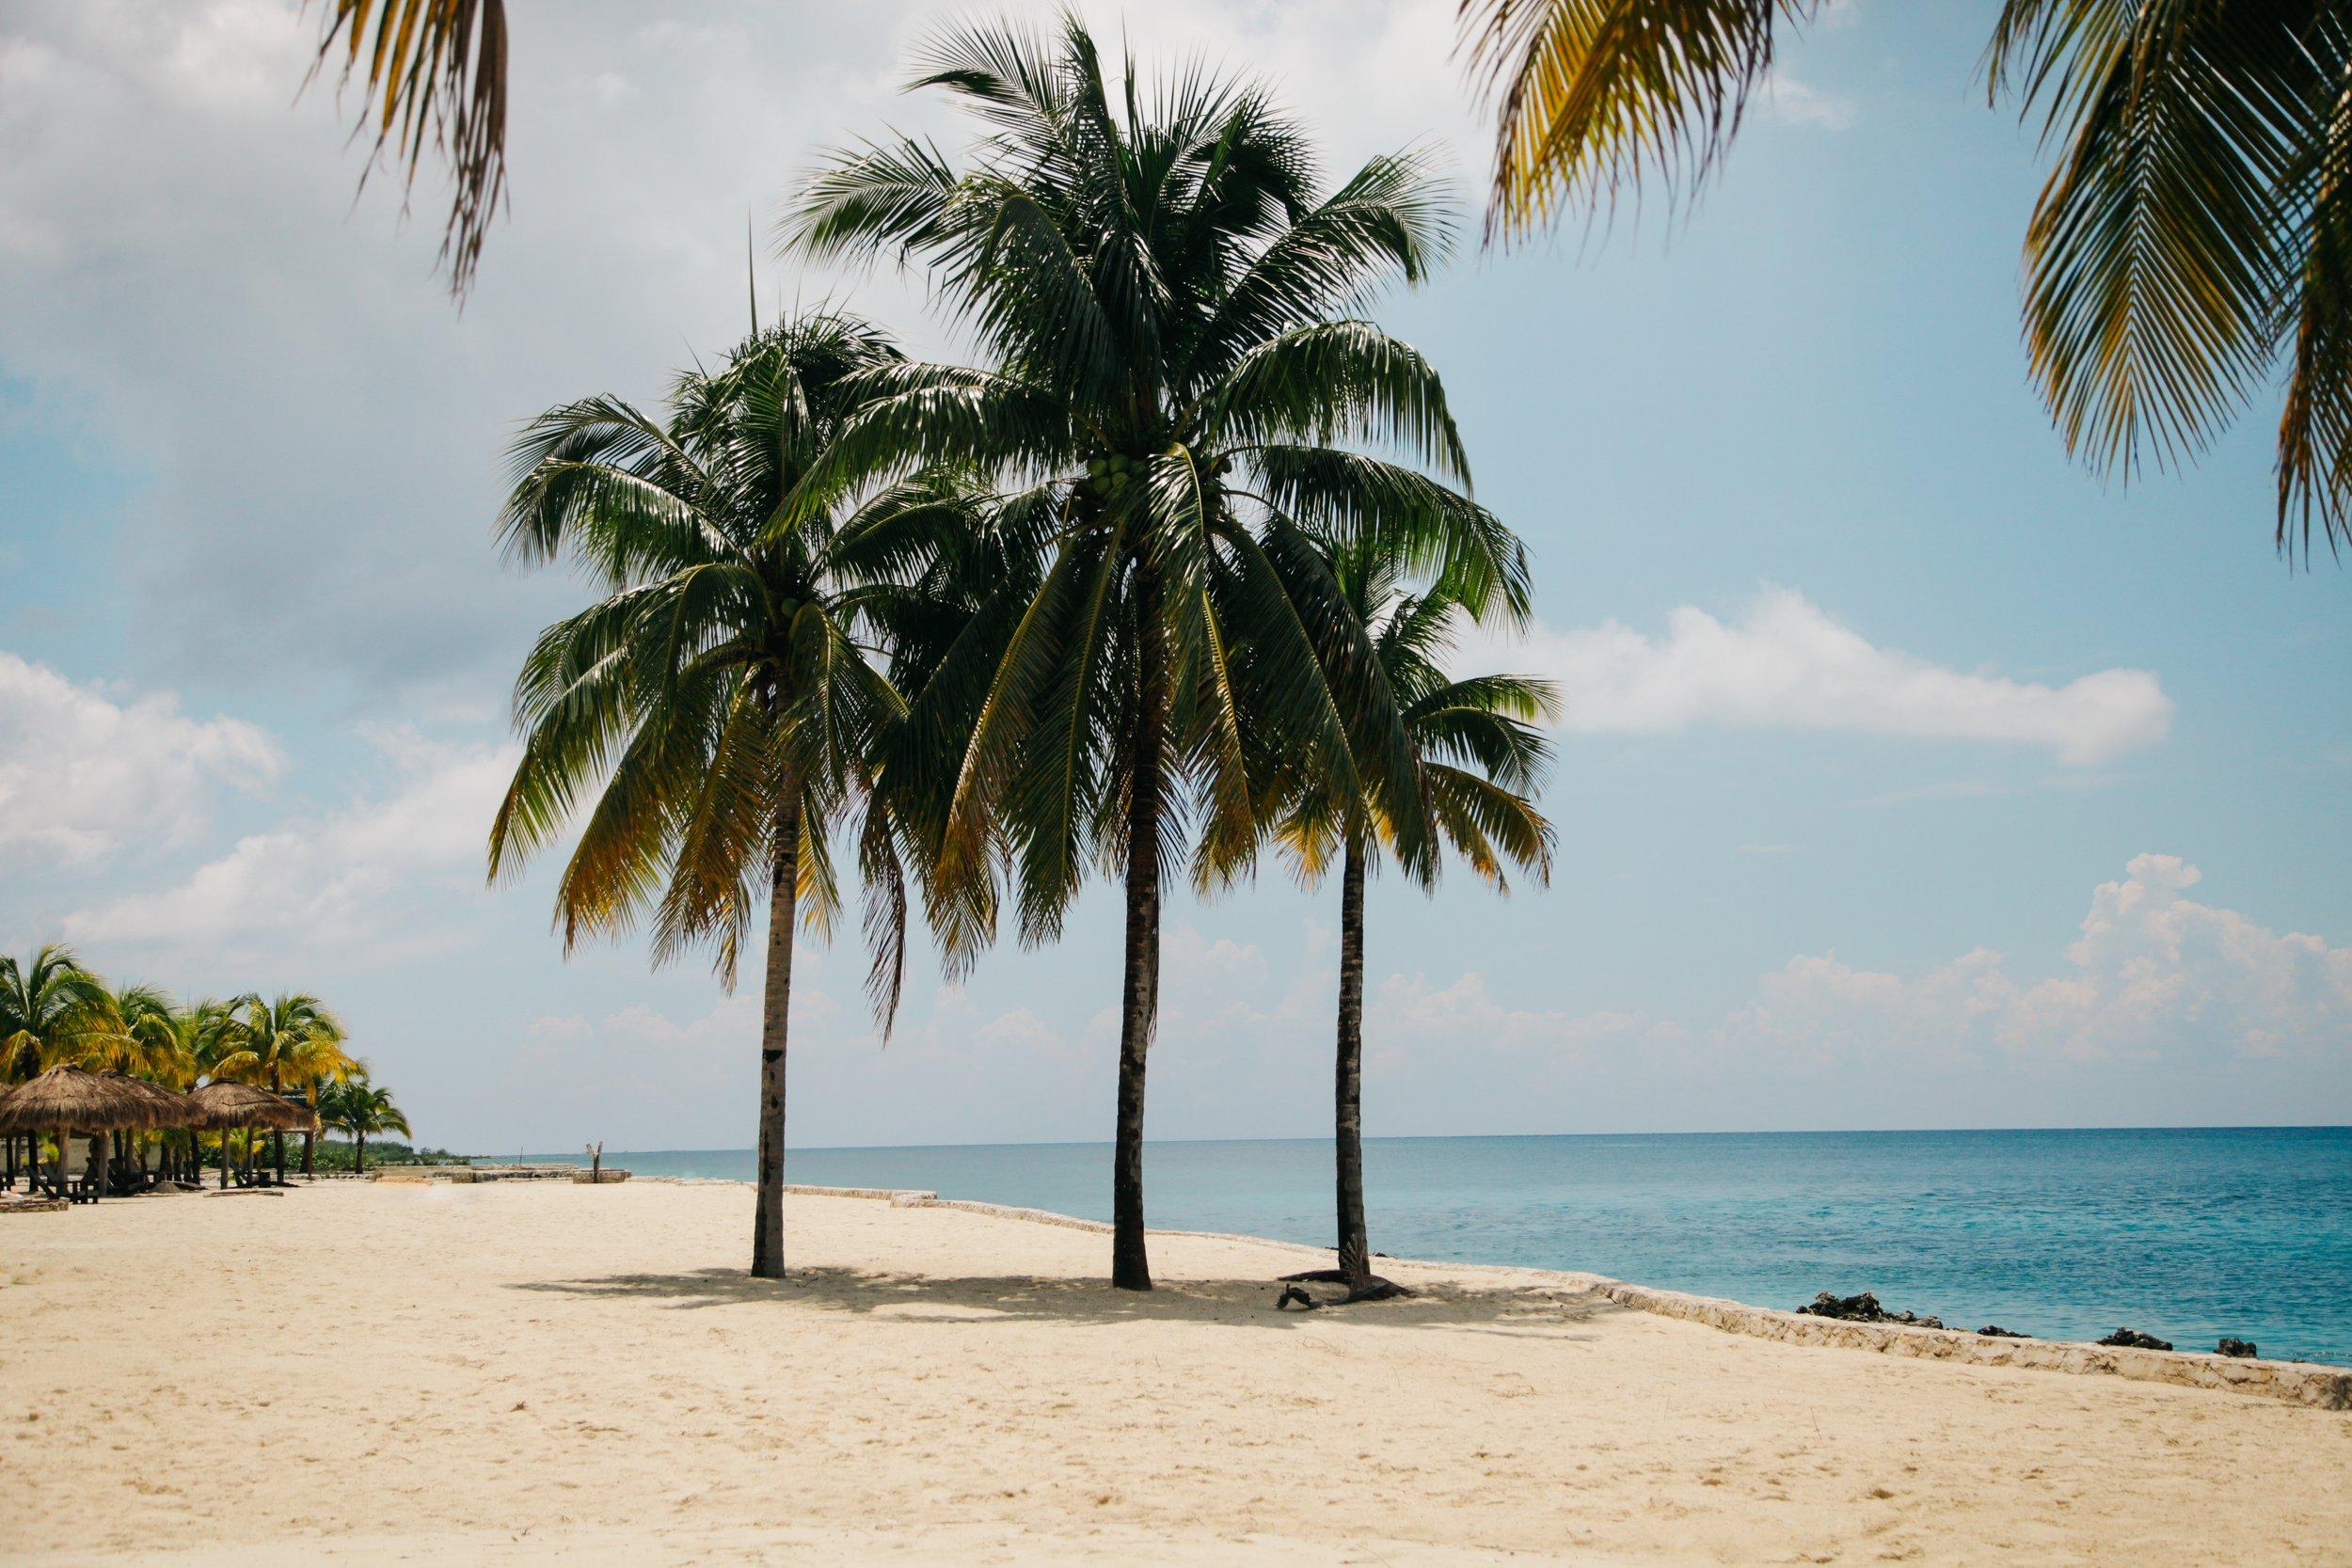 Cozumel, Mexico - Taken by Clem Onokeghuo